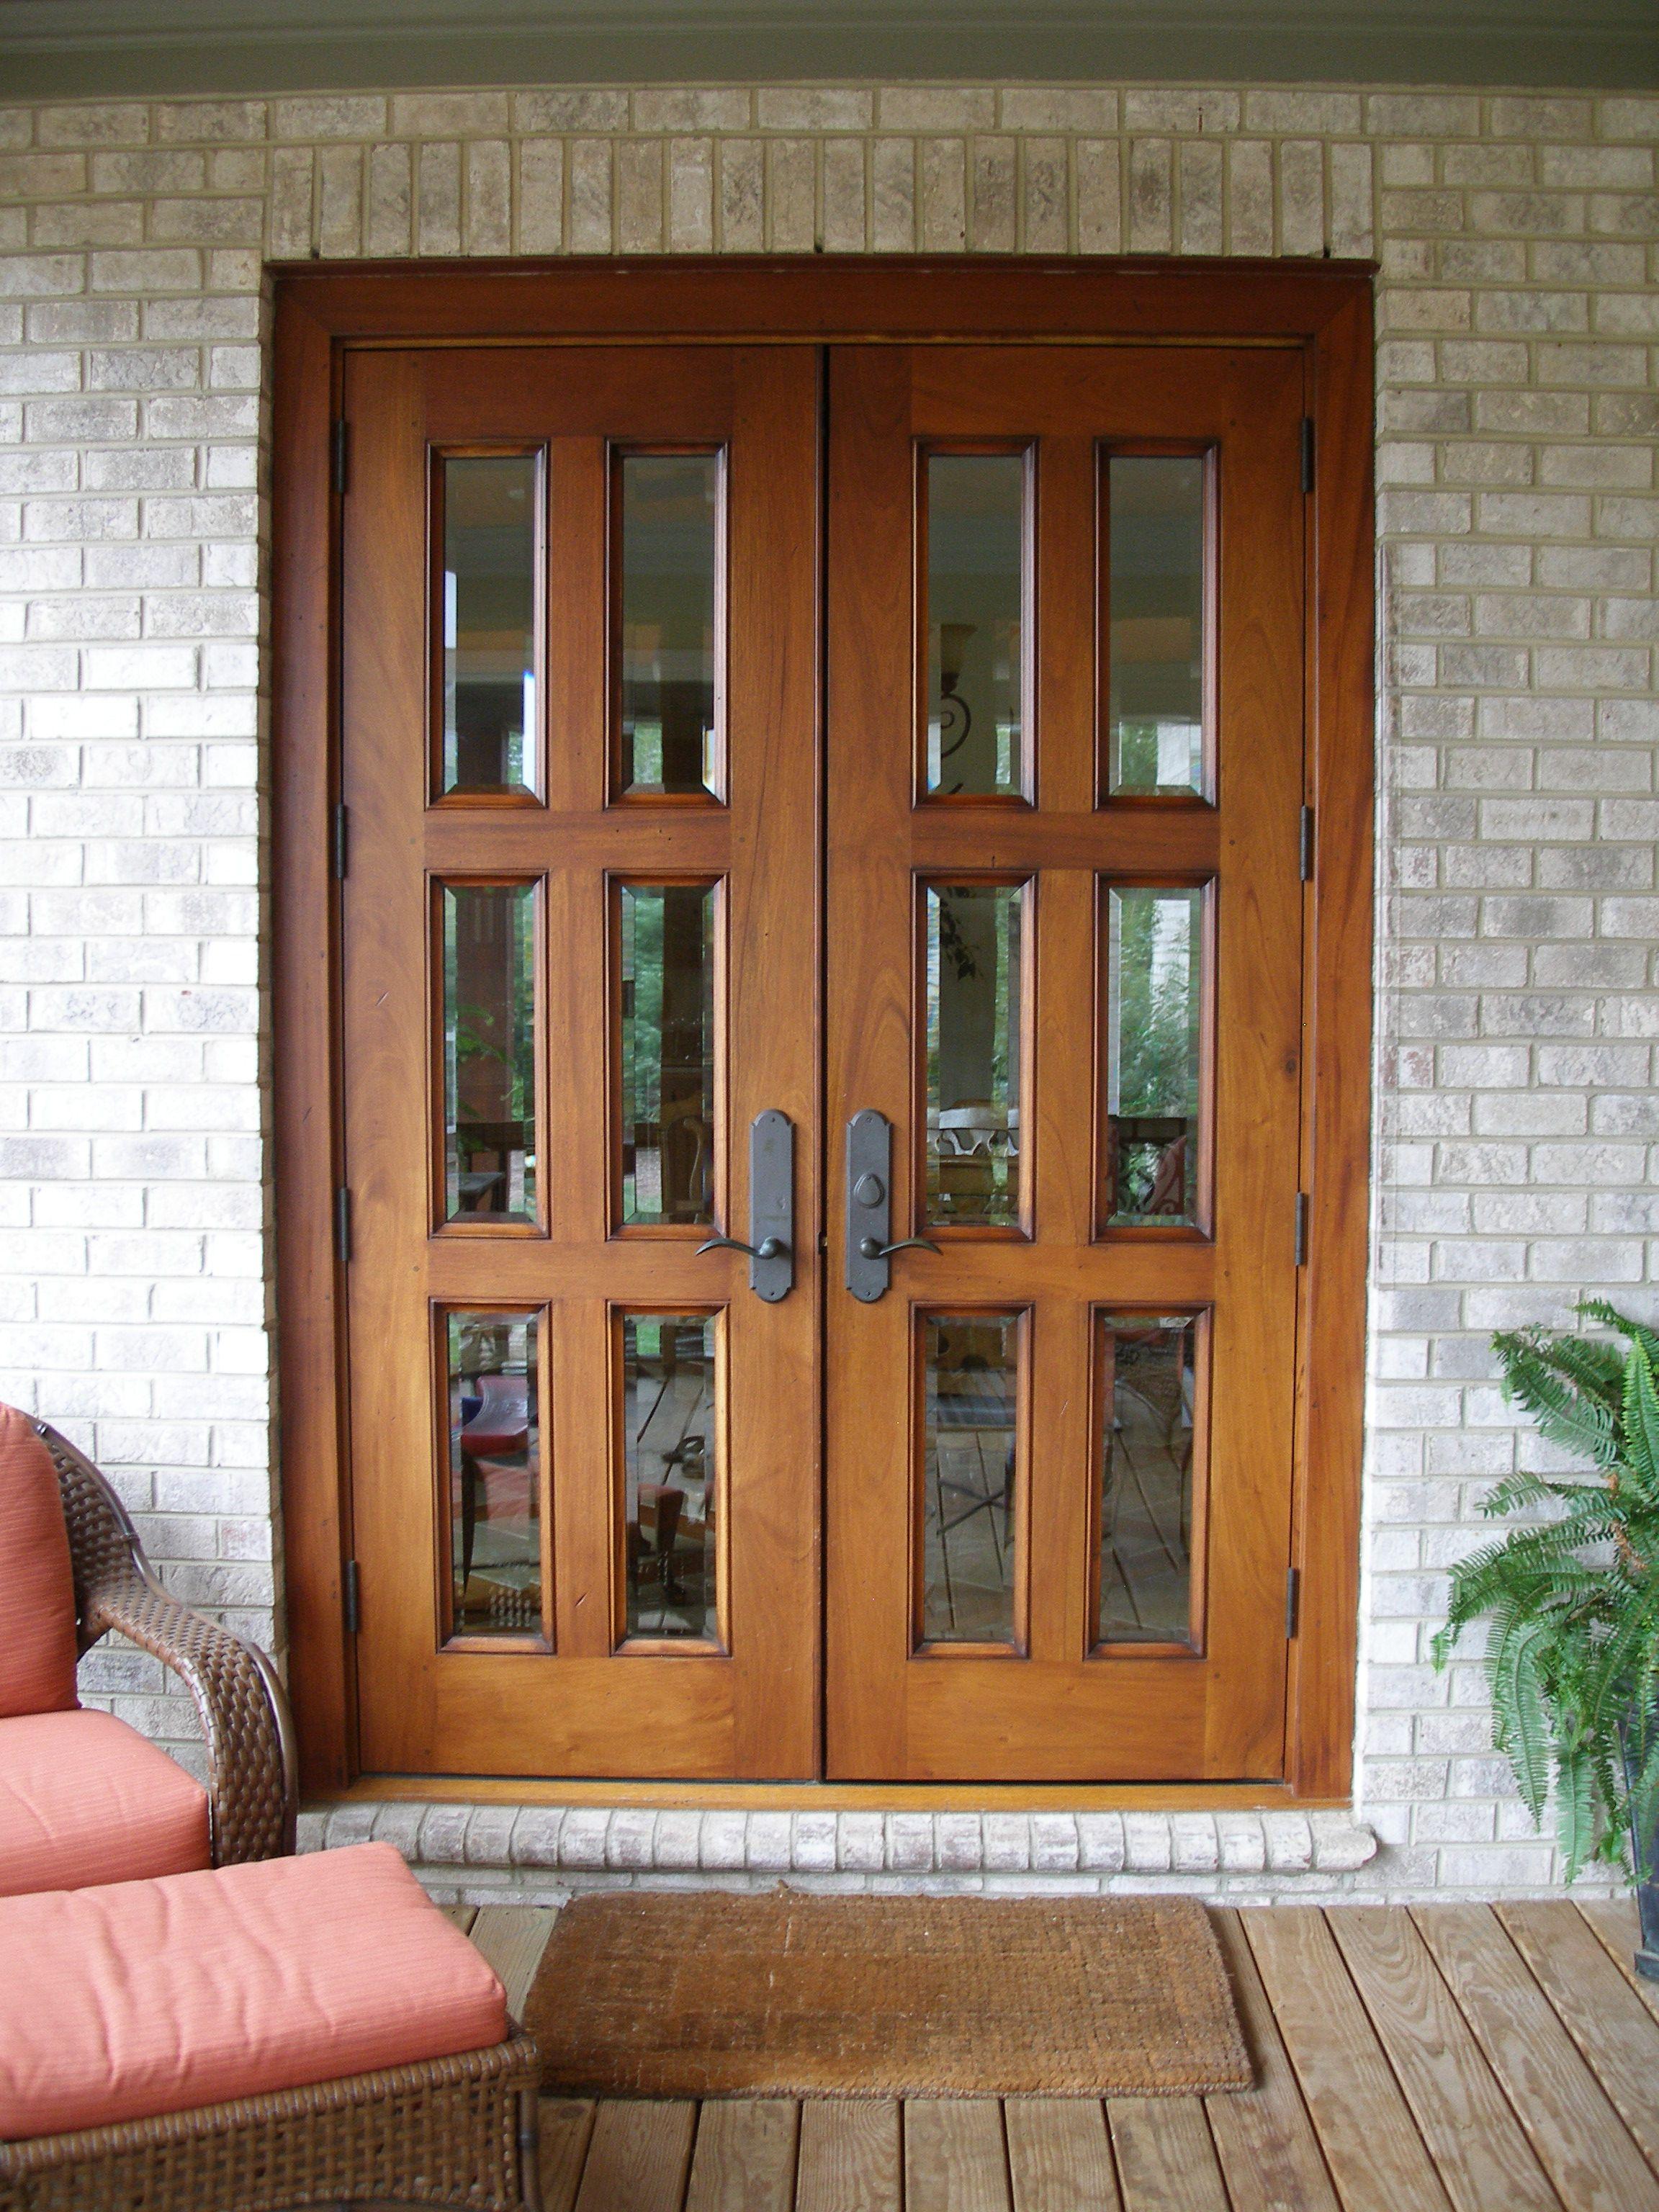 Pin By Linda Hamel On Doors French Doors Exterior Wooden Patio